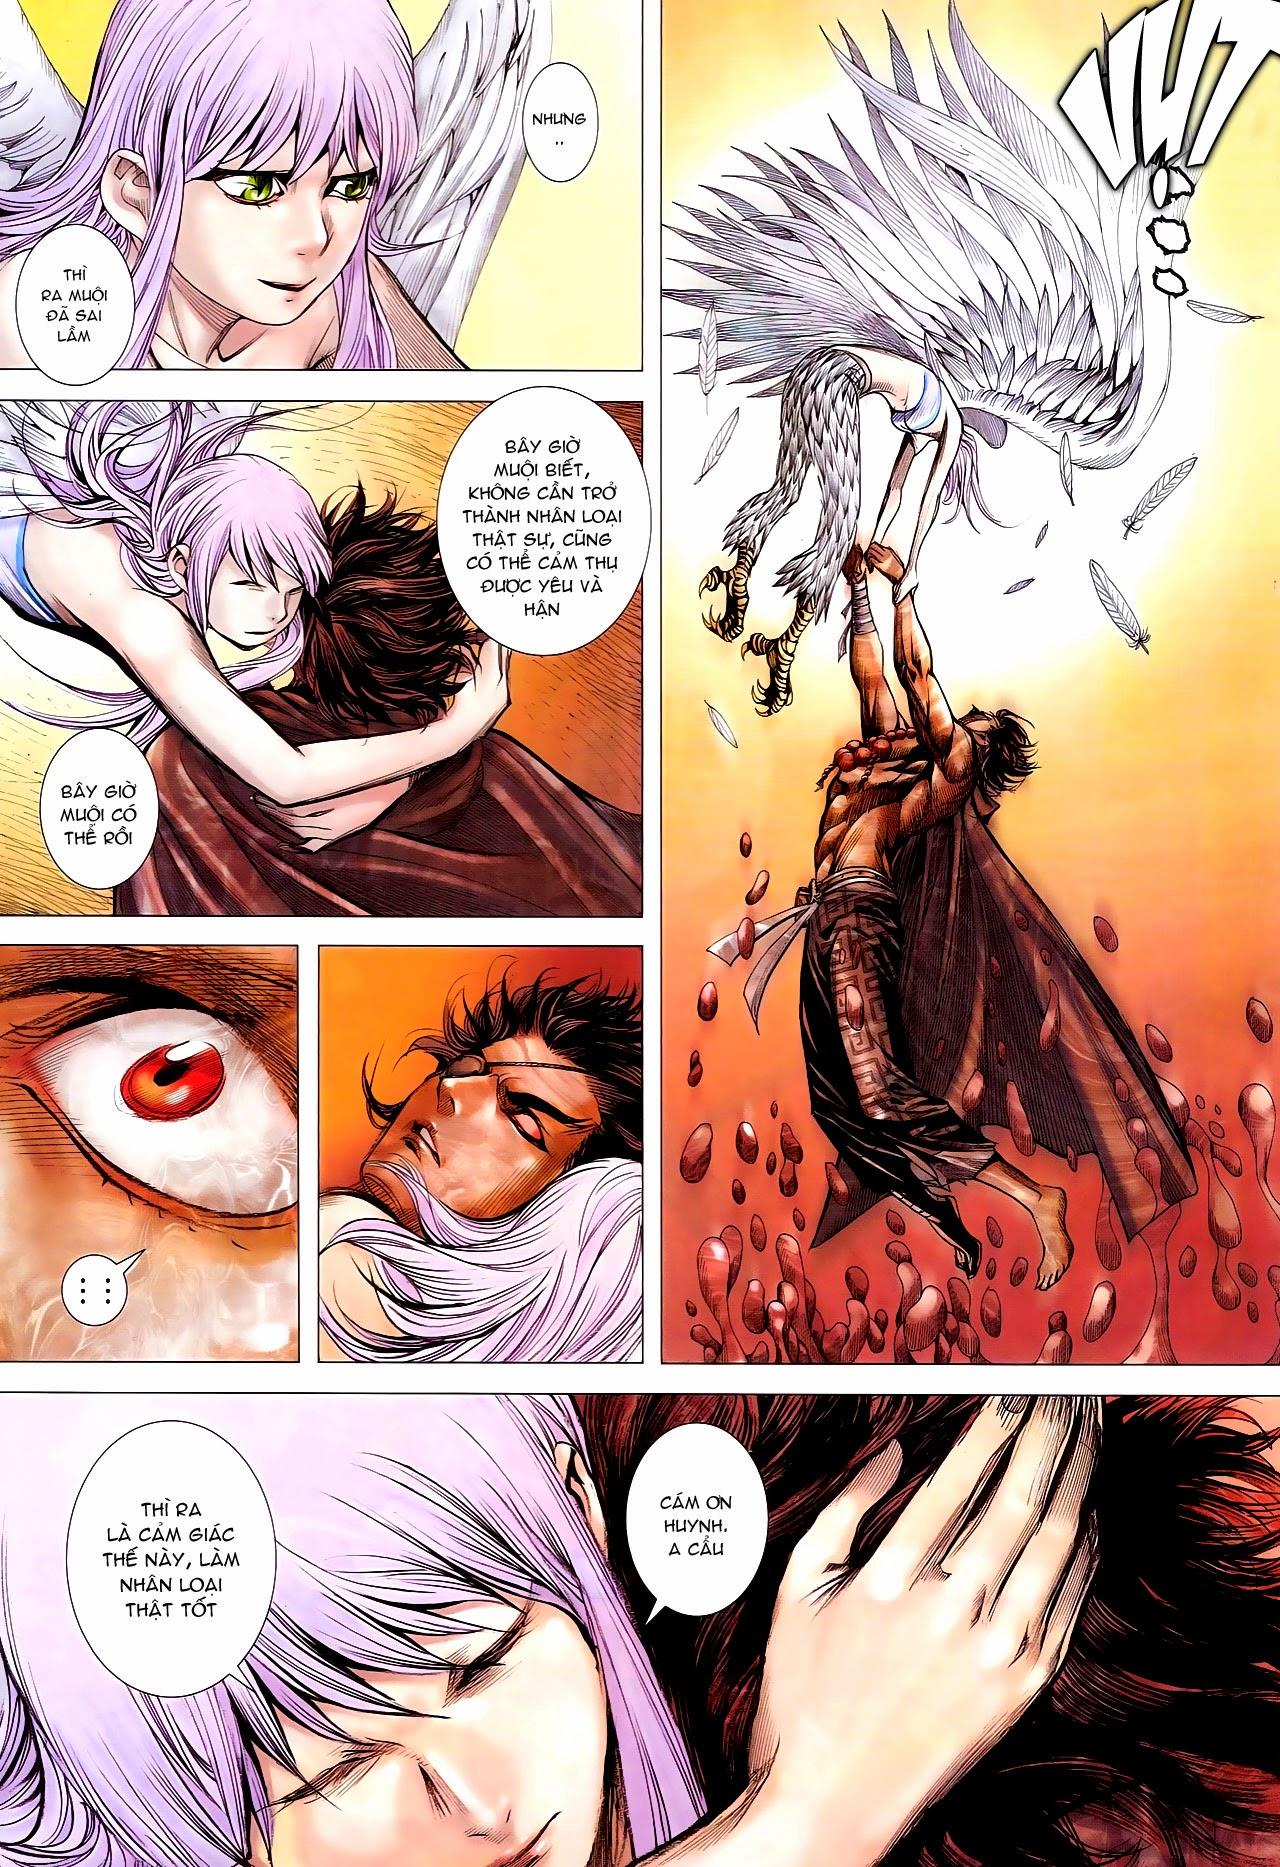 Phong Thần Ký Chap 171 - Trang 4